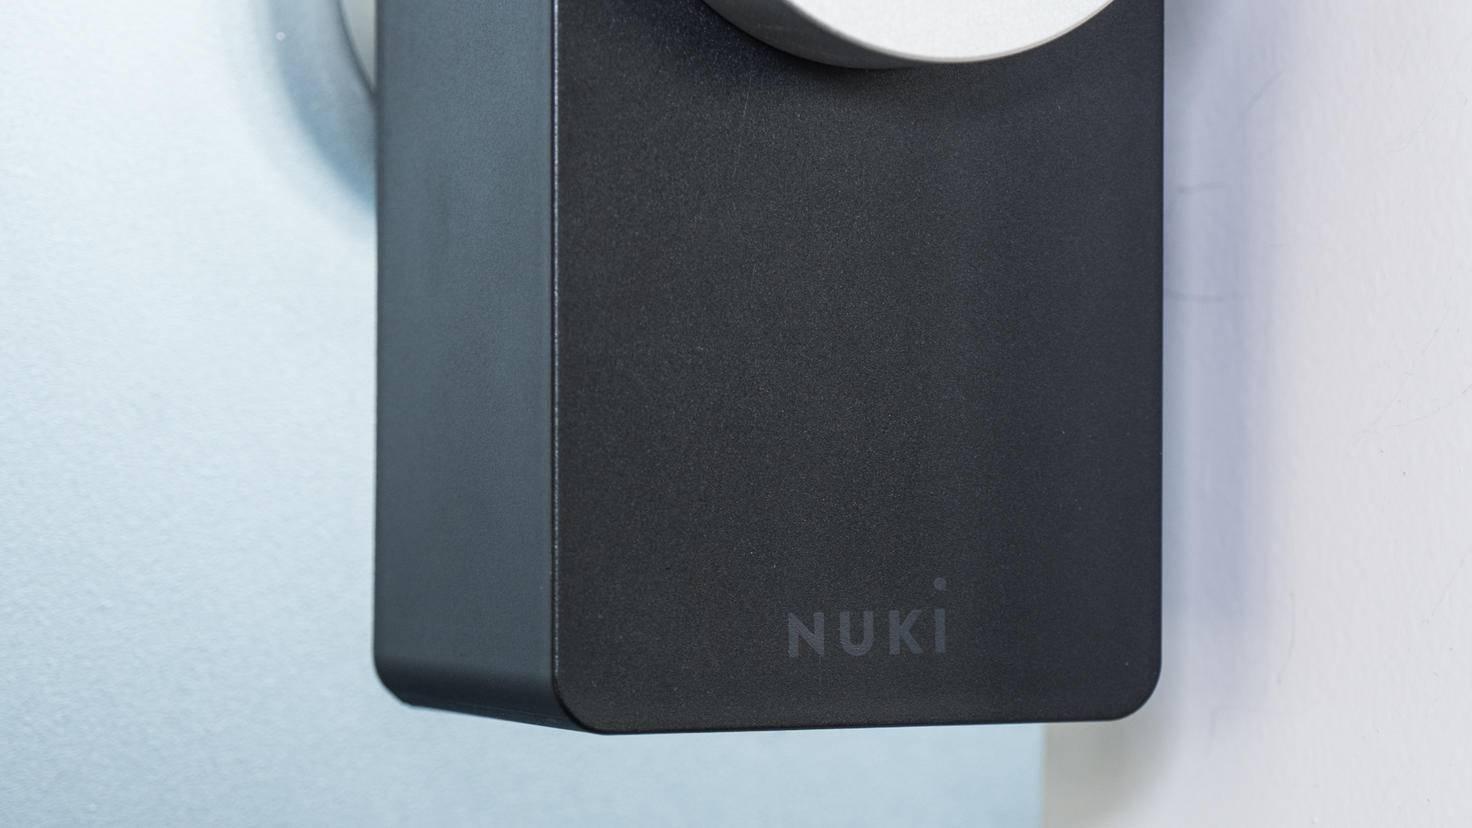 Nuki verspricht eine sichere Ende-zu-Ende-Verschlüsselung.